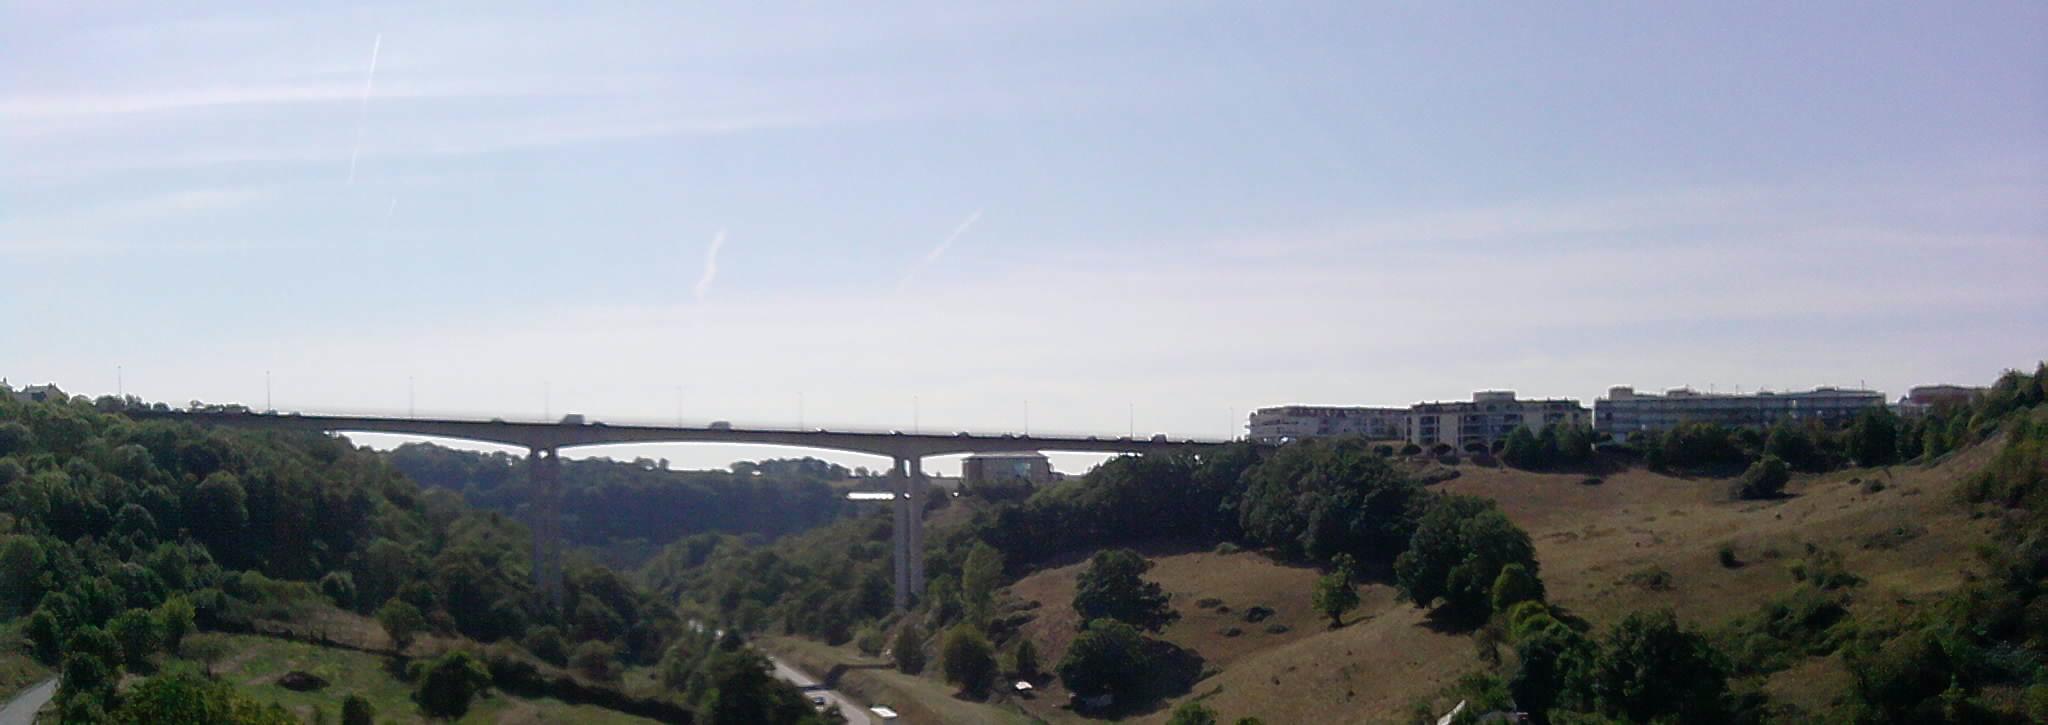 Rodez-Viaduc-de-l-Europe